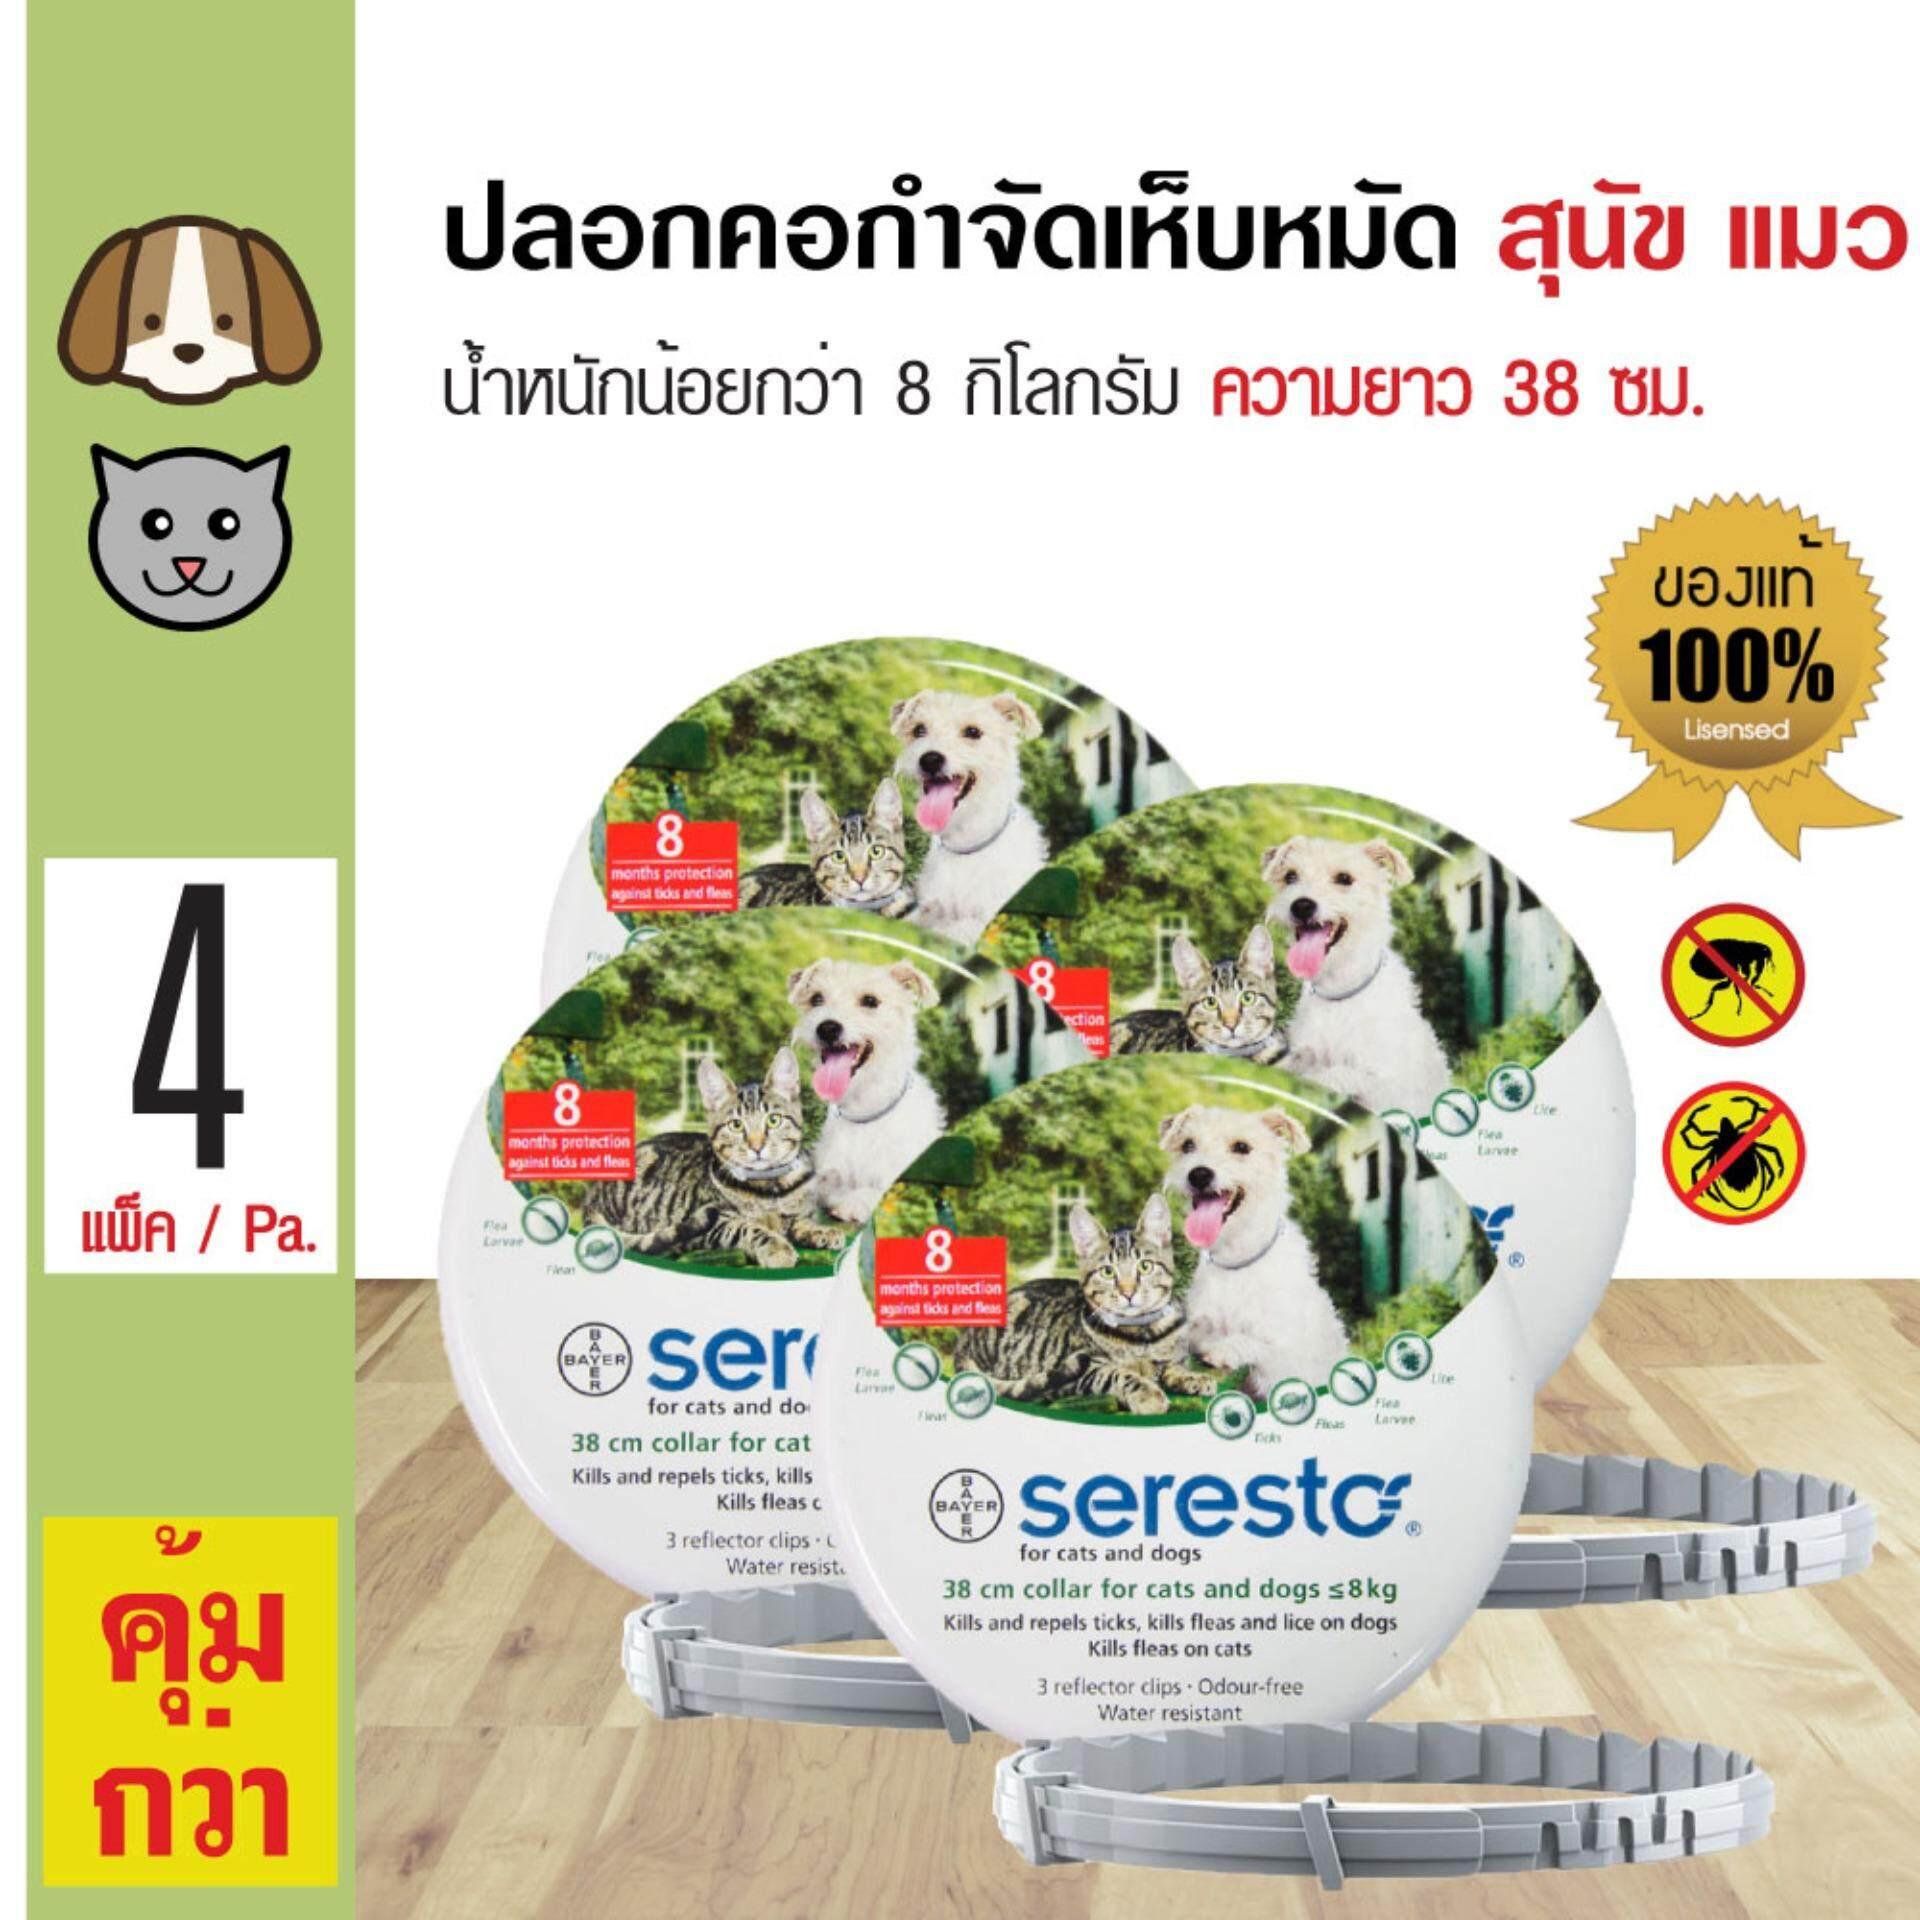 Seresto Collar ปลอกคอกำจัดเห็บหมัด กันน้ำ ใช้ได้นาน 7-8 เดือน สำหรับสุนัขและแมวน้ำหนักน้อยกว่า 8 กิโลกรัม ความยาว 38 ซม. X 4 เส้น By Kpet.